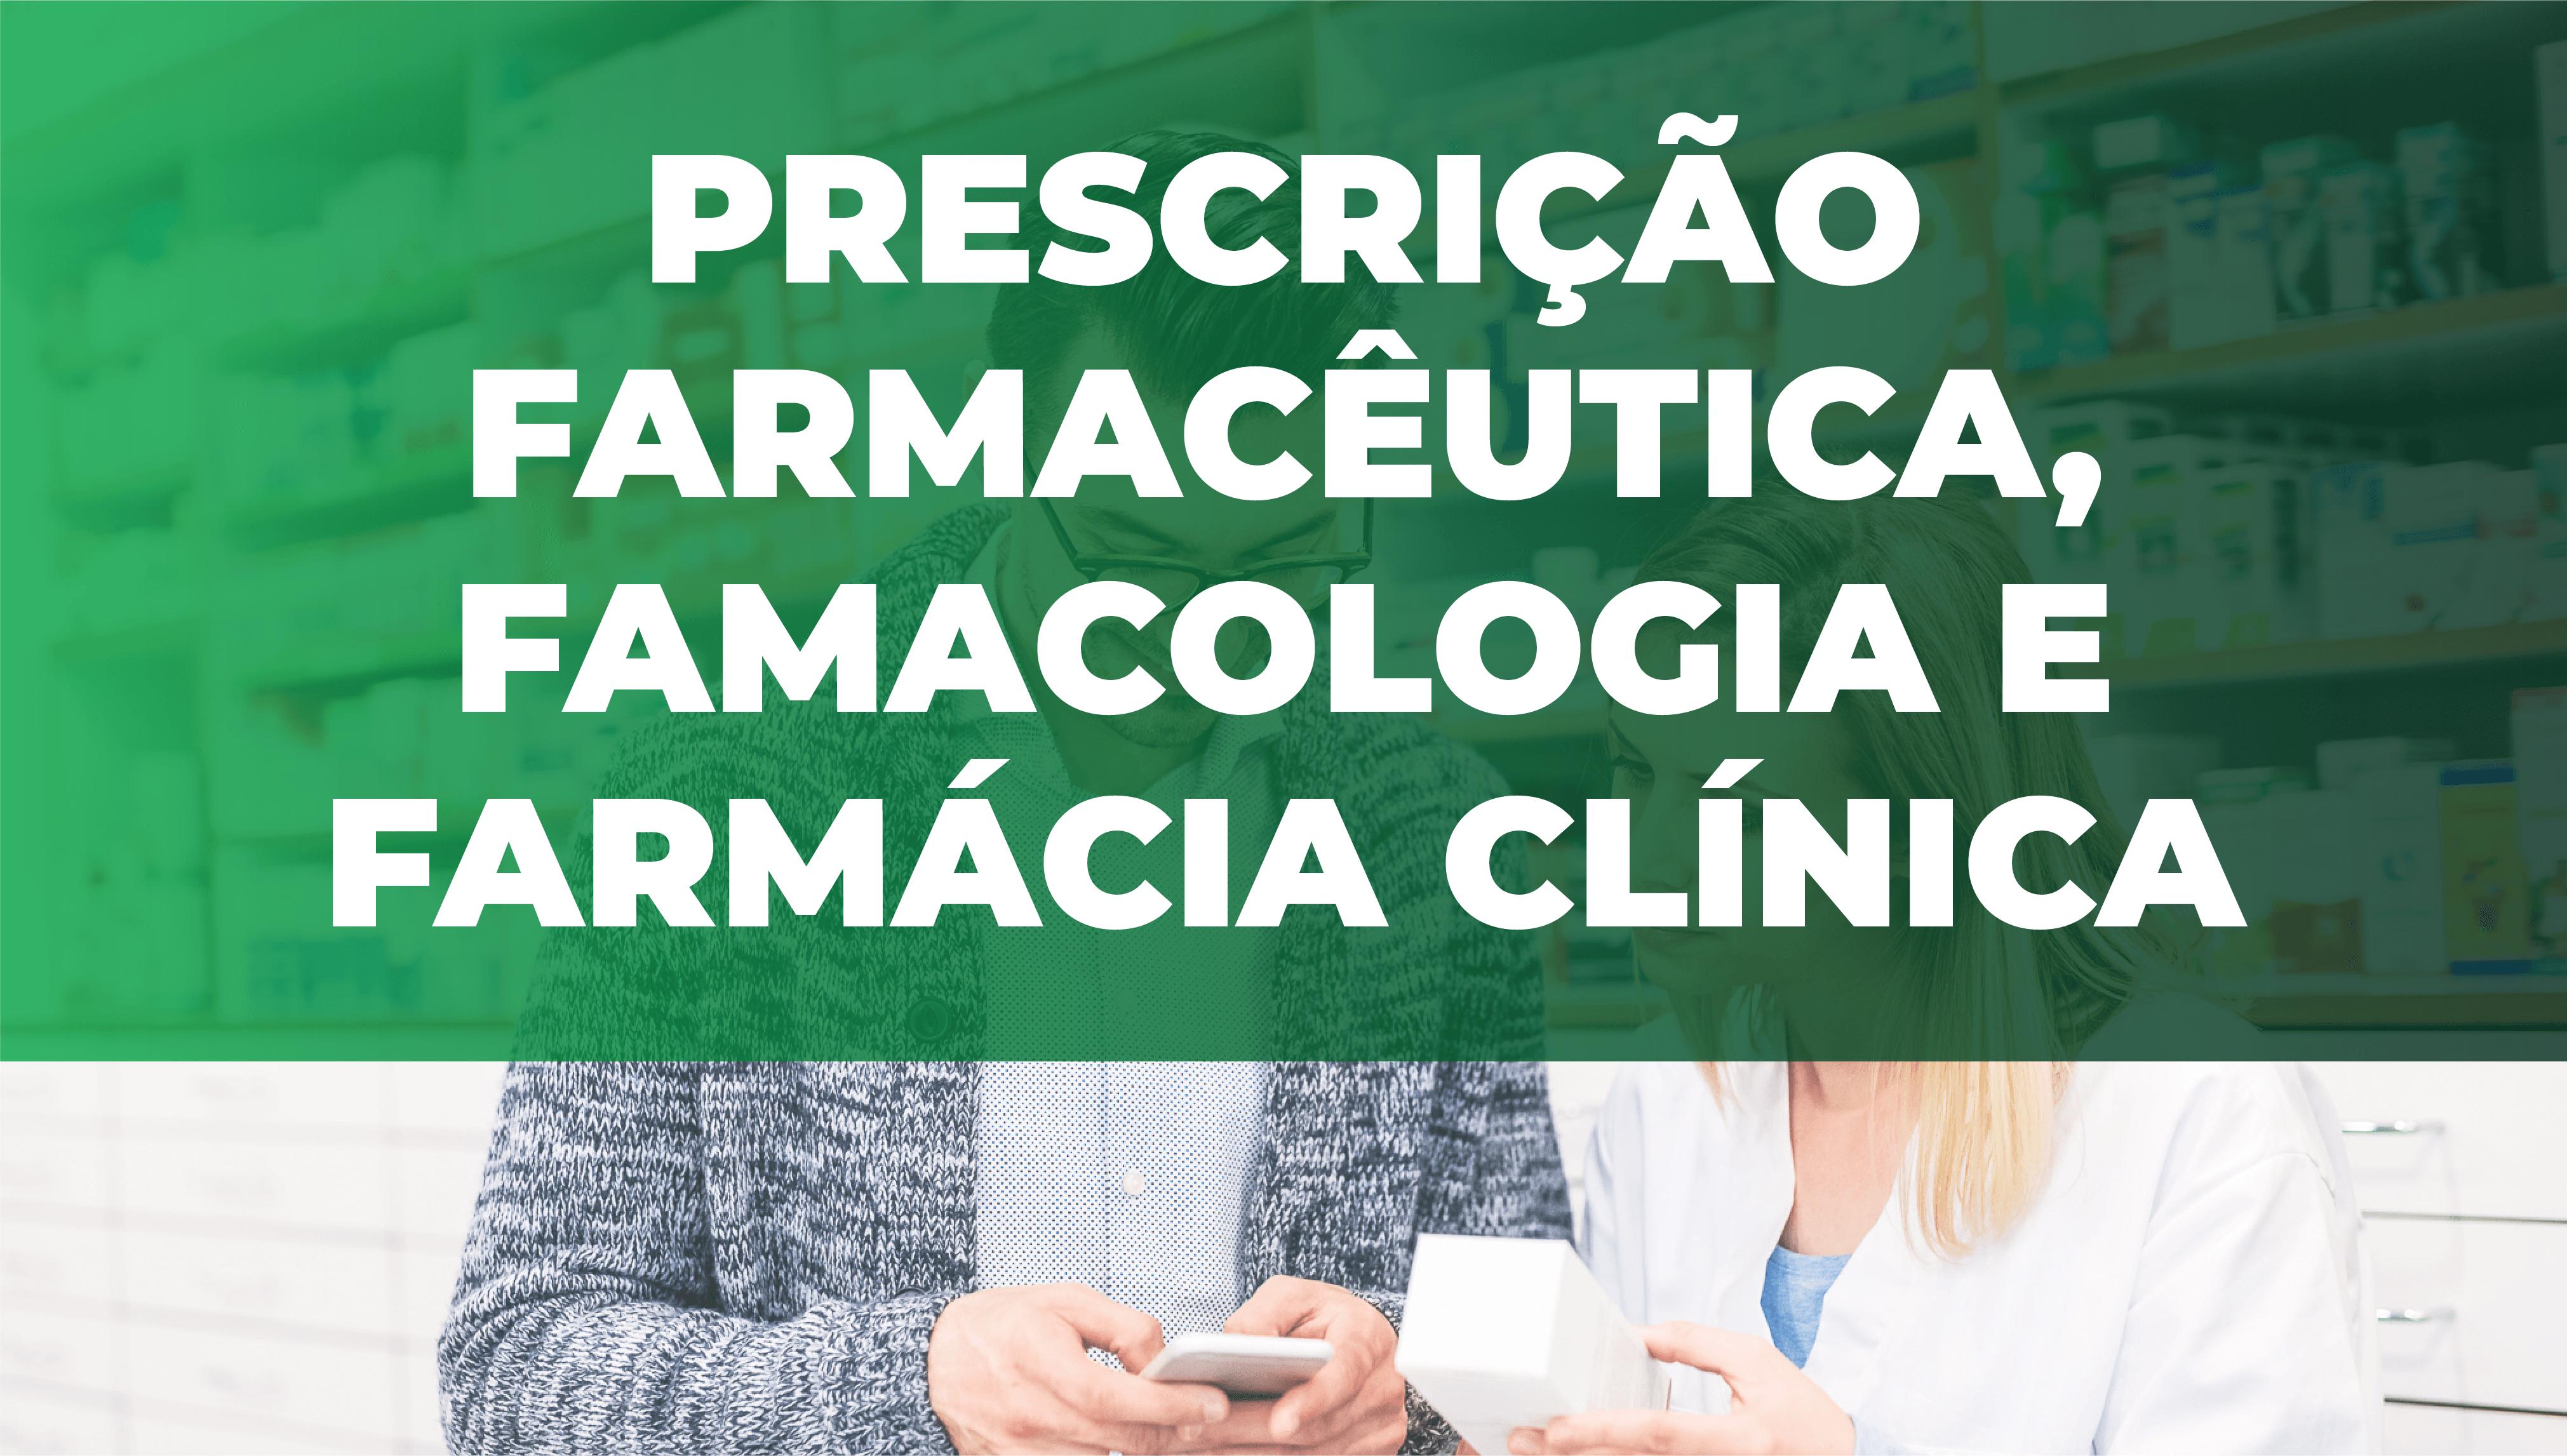 Prescrição farmacêutica, farmacologia e farmácia clínica